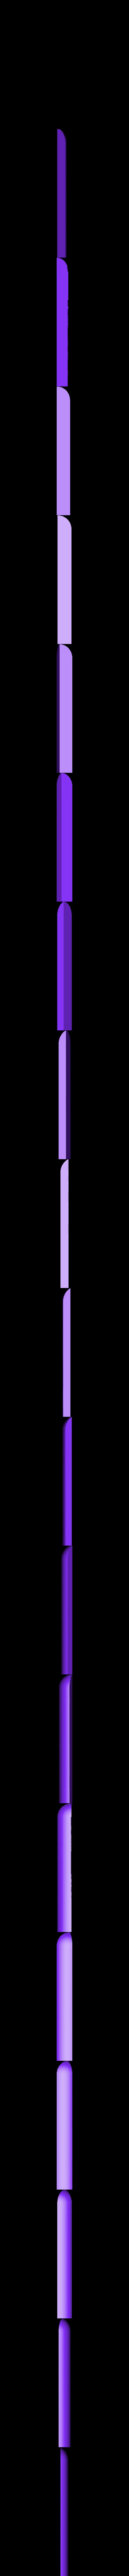 porte pot gauche1.1.stl Télécharger fichier STL gratuit Hanging jar holder • Design à imprimer en 3D, Barbe_Iturique